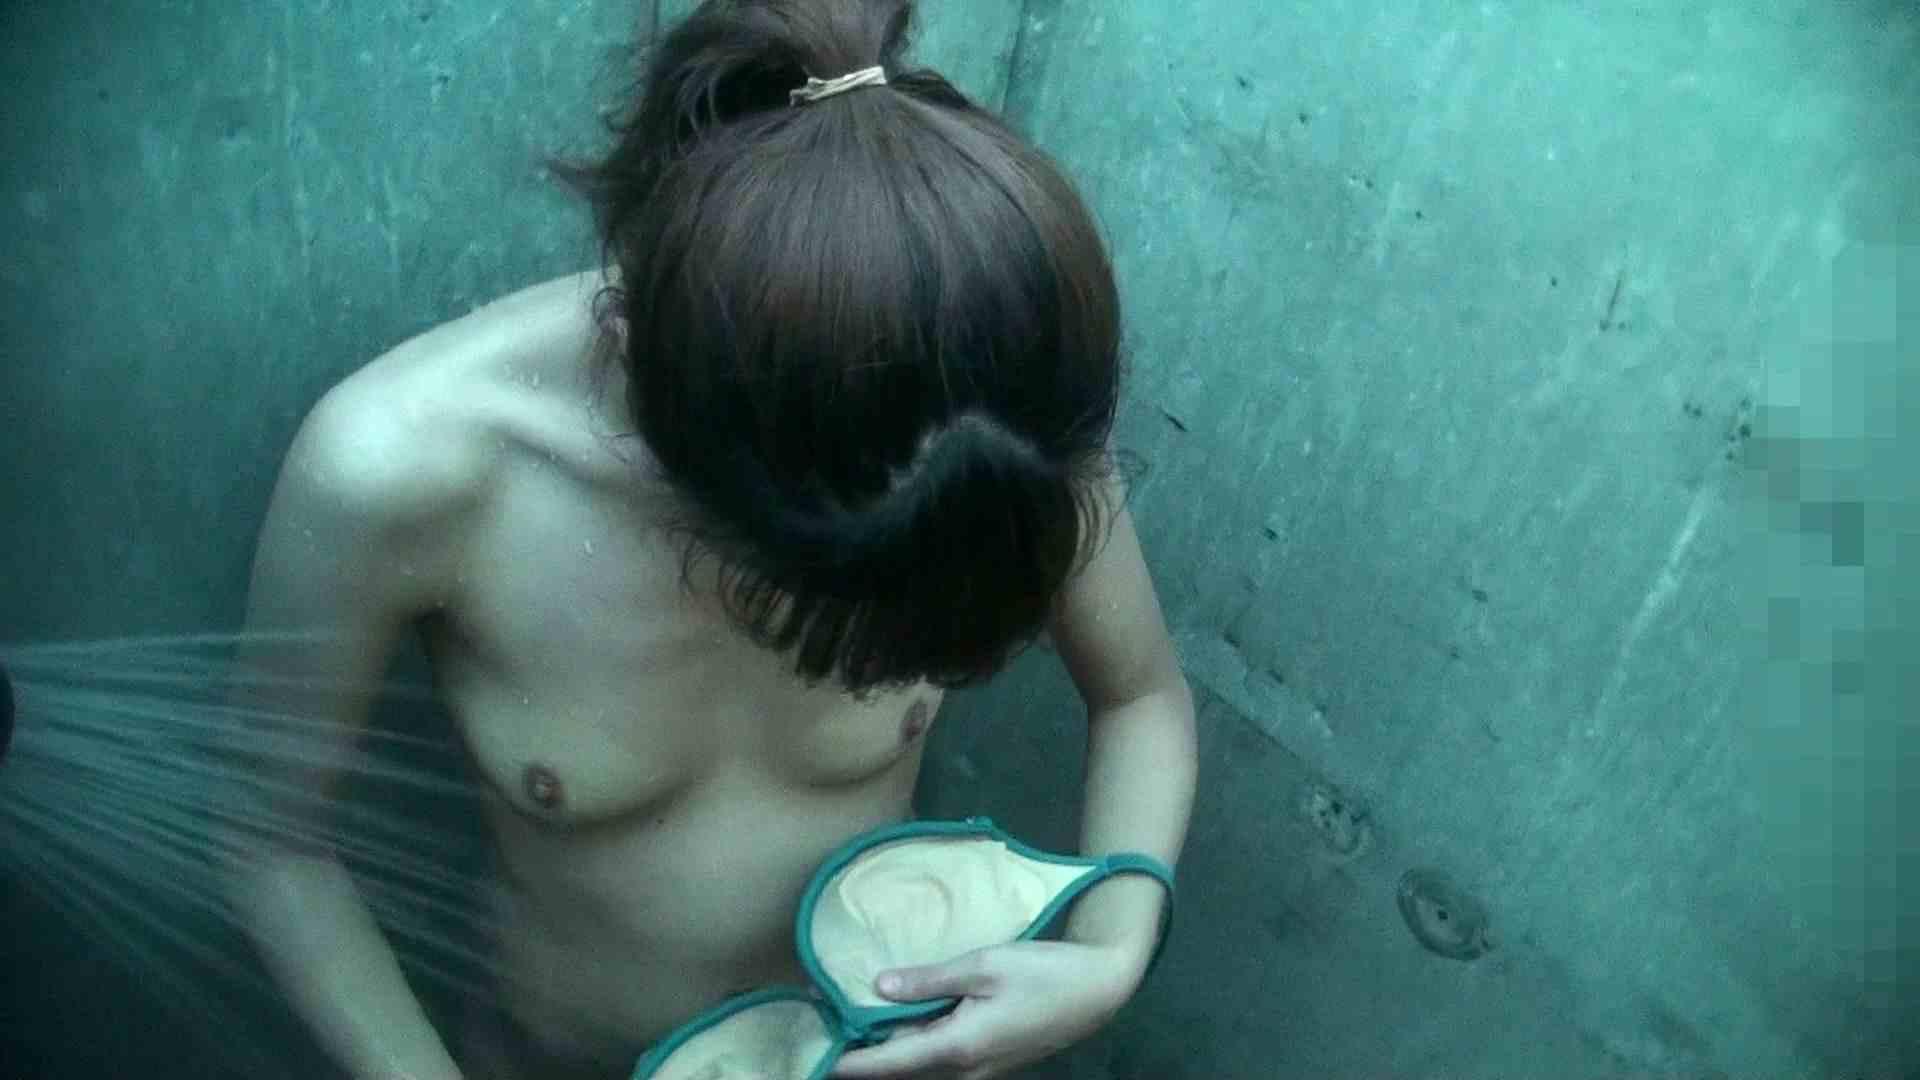 シャワールームは超!!危険な香りVol.30 甘栗剥いちゃいました 高画質モード | 脱衣所の着替え  56画像 7